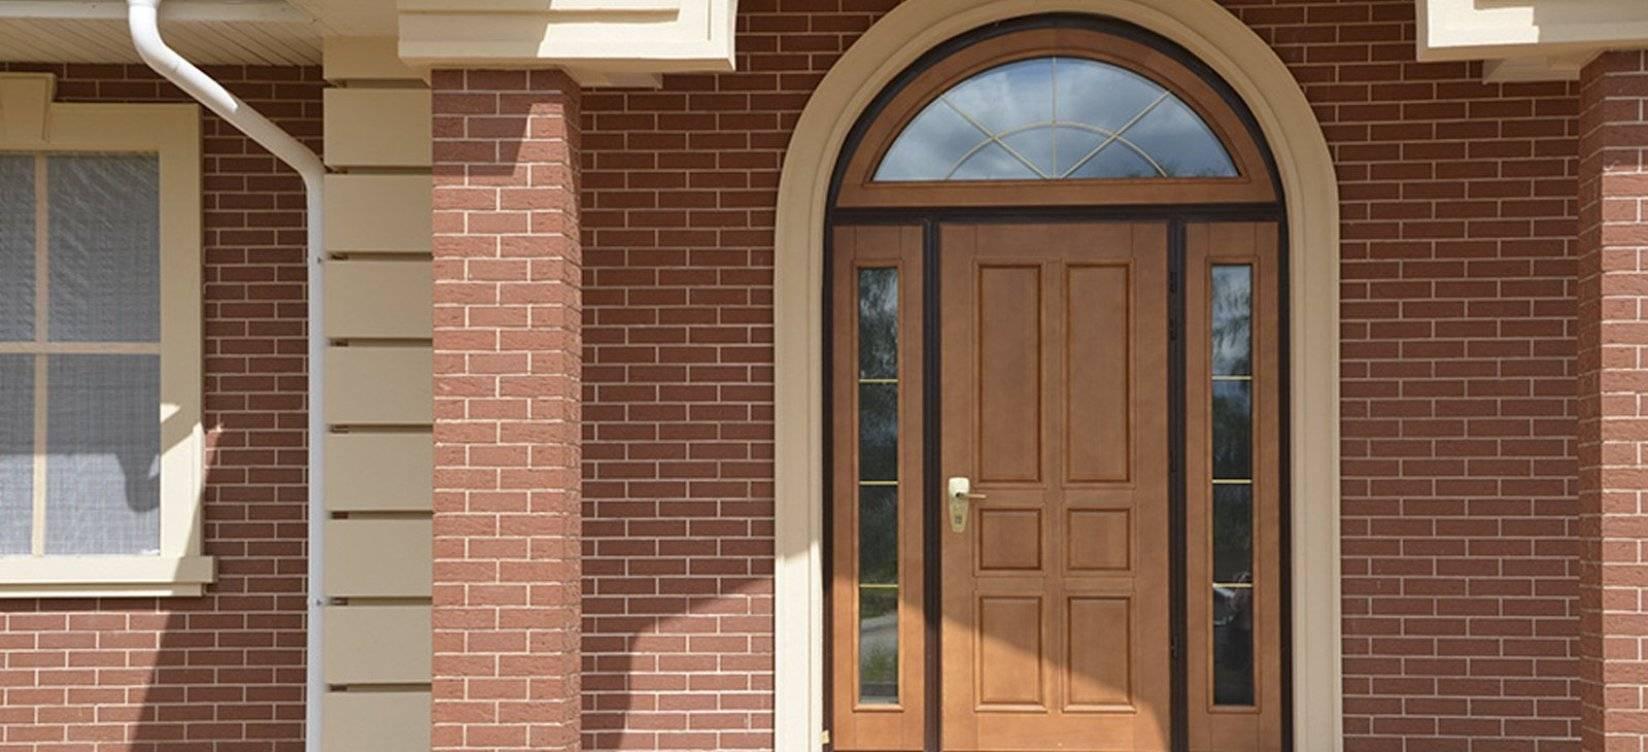 Входные двери в дом - купить входные двери для загородного дома по лучшей цене в москве